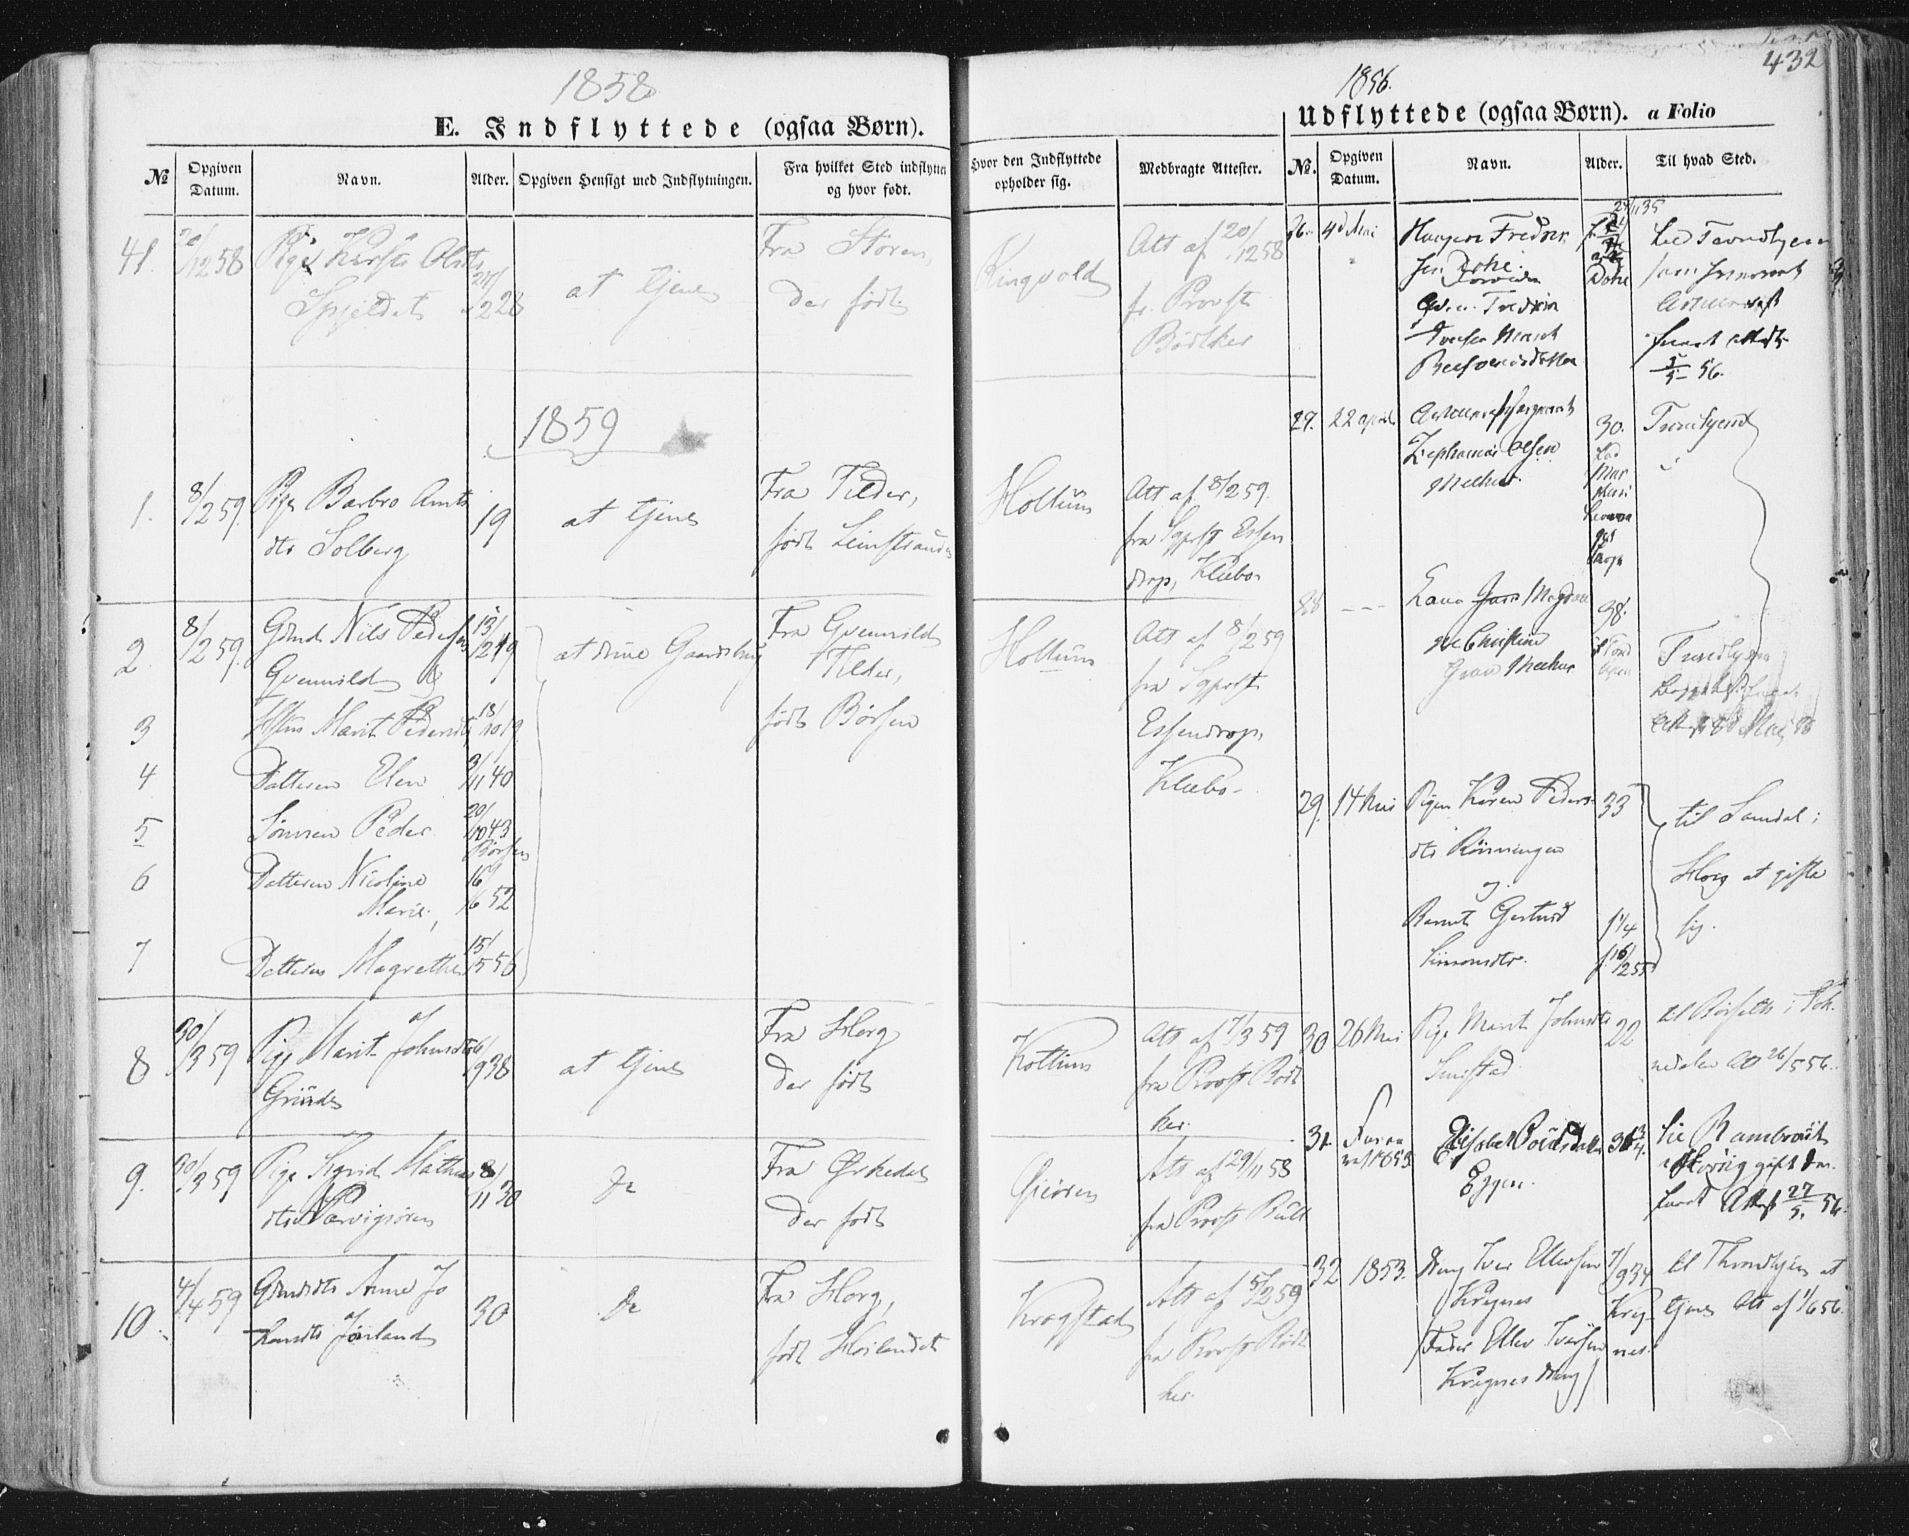 SAT, Ministerialprotokoller, klokkerbøker og fødselsregistre - Sør-Trøndelag, 691/L1076: Ministerialbok nr. 691A08, 1852-1861, s. 432